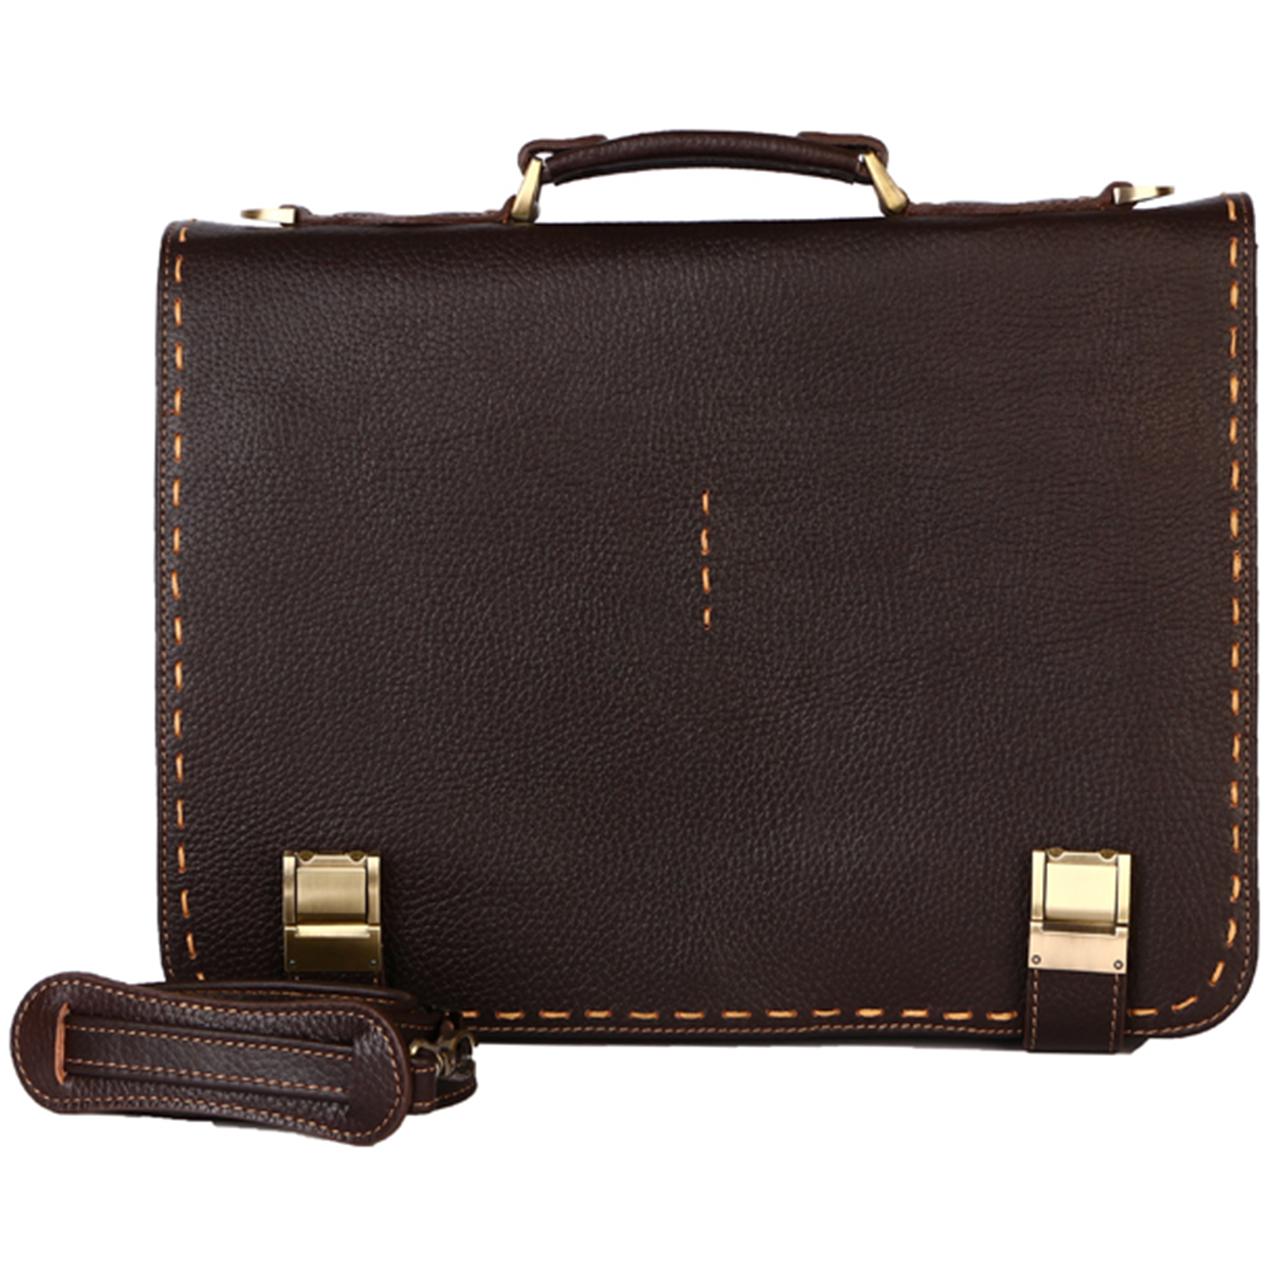 کیف اداری رویال چرم کدBL5-DarkBrown